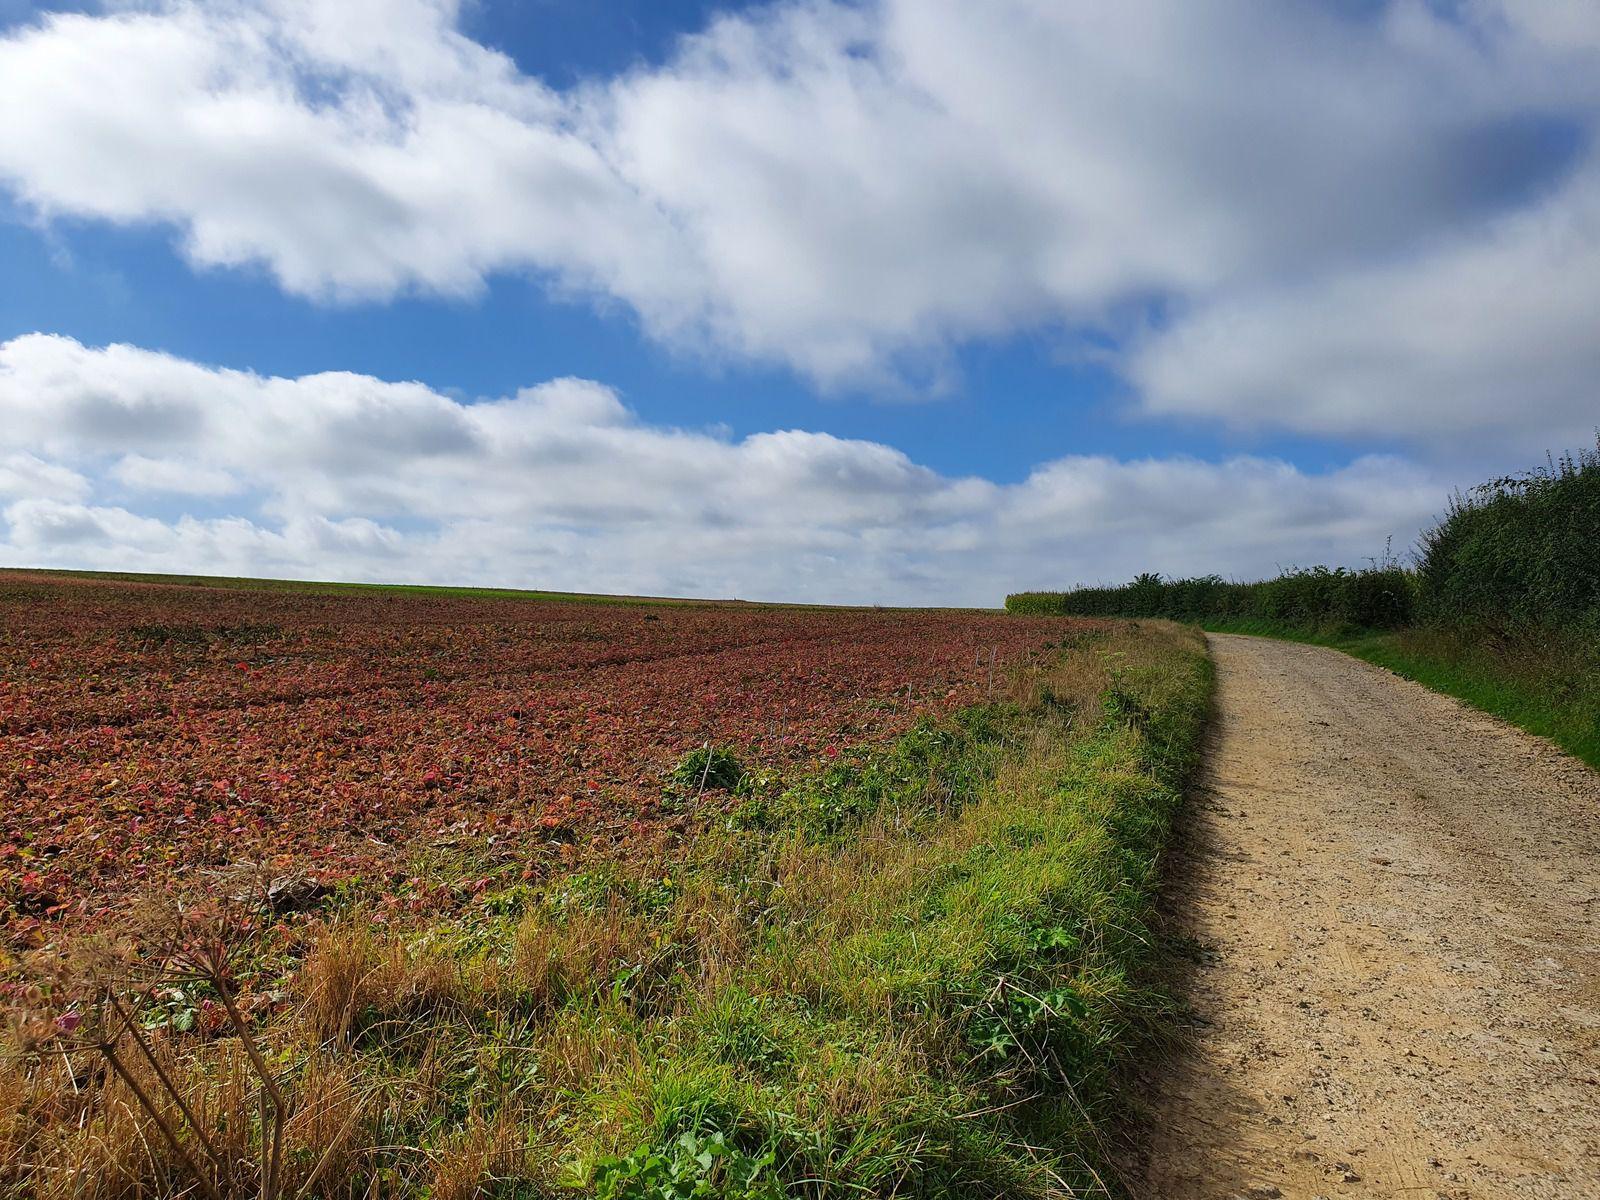 09 septembre 2020 - De la Planquette au Bois de Fressin